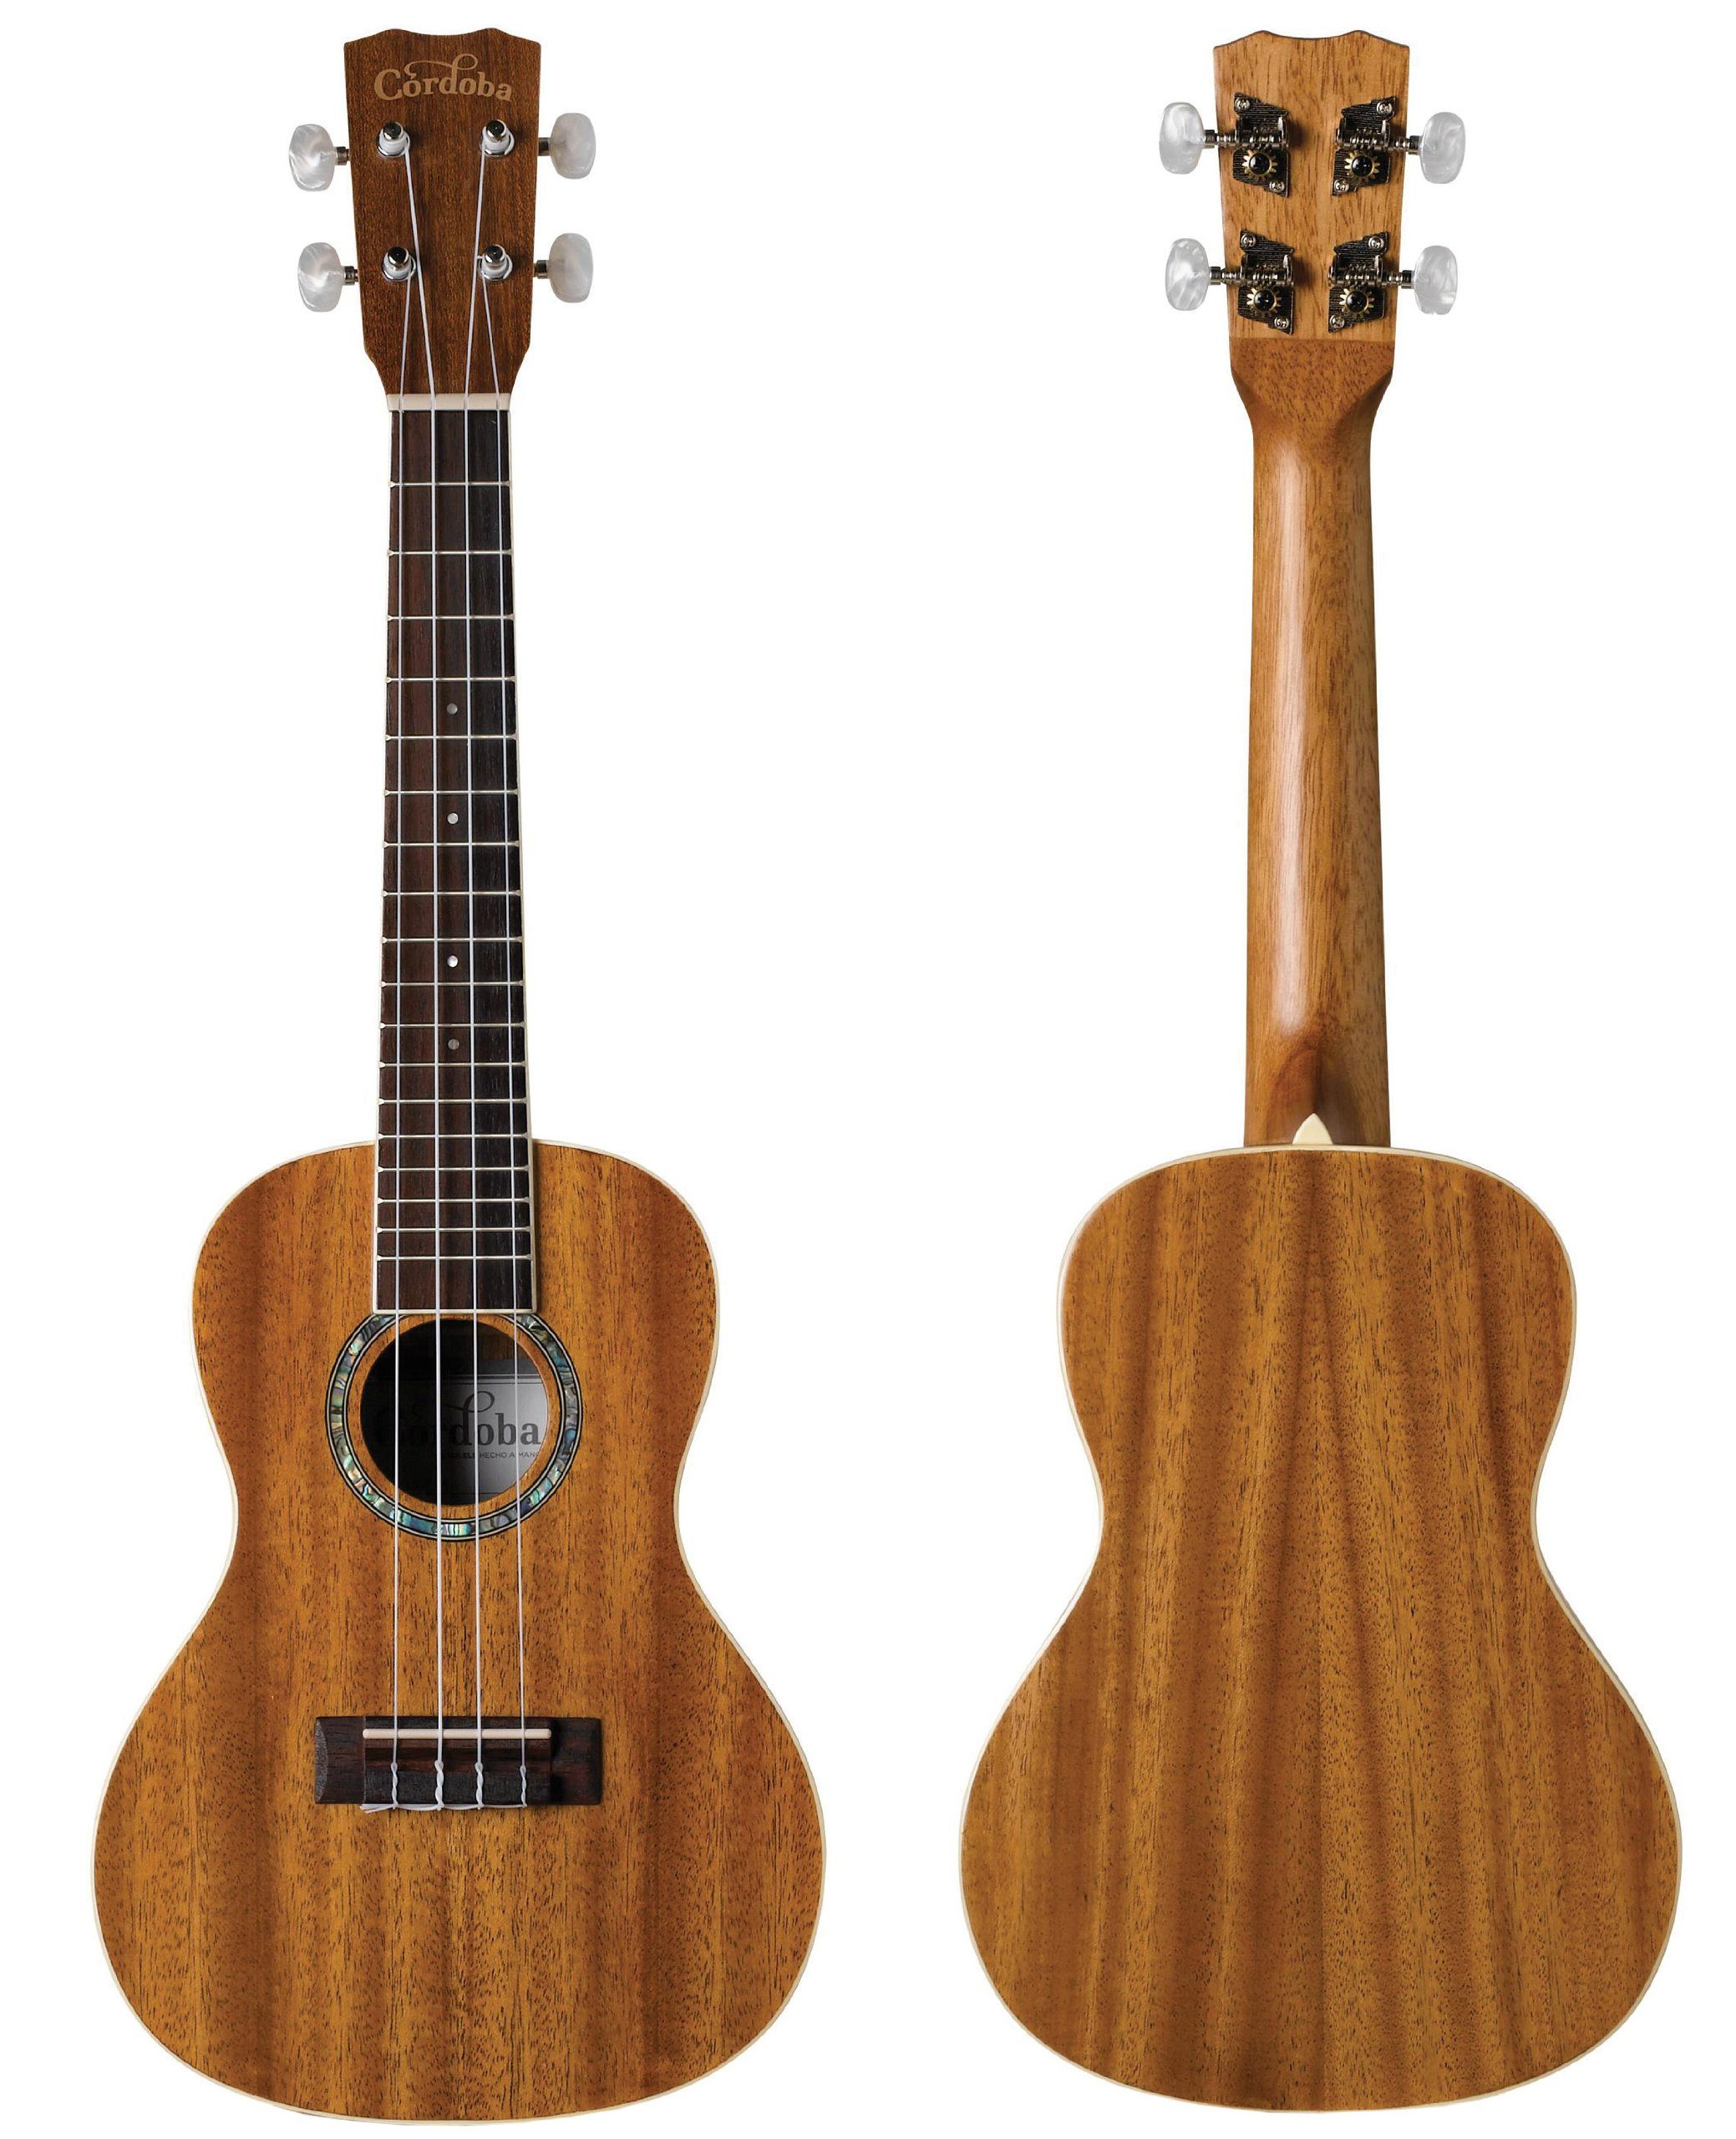 Cordoba 15CM Concert Ukulele by Cordoba Guitars